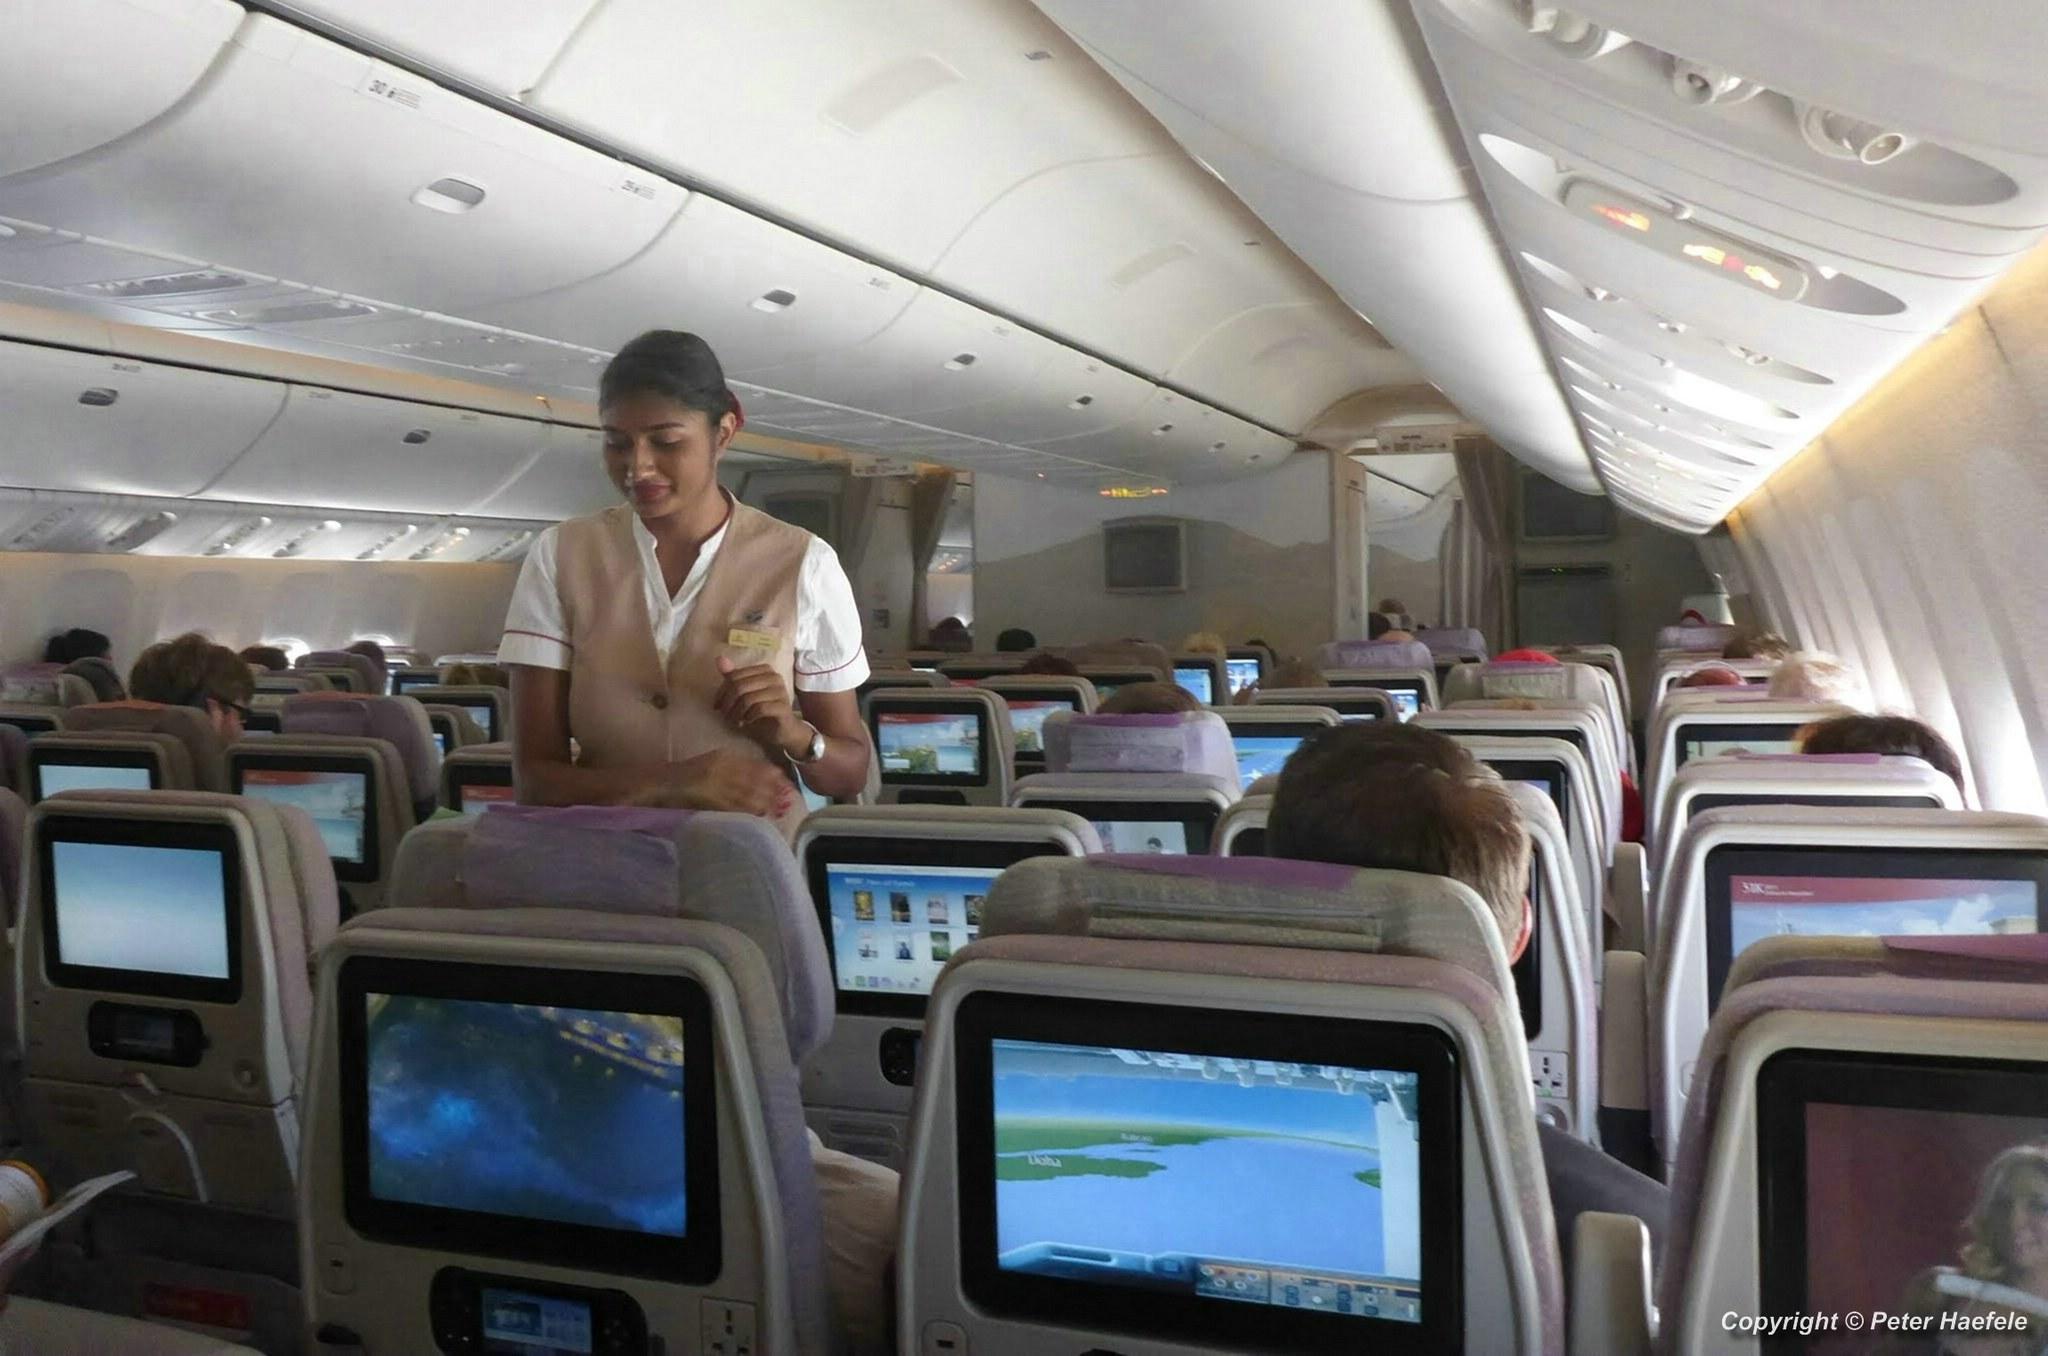 Innenansicht Emirates Boeing-777-300ER - Interior view of Emirates Boeing 777-300ER